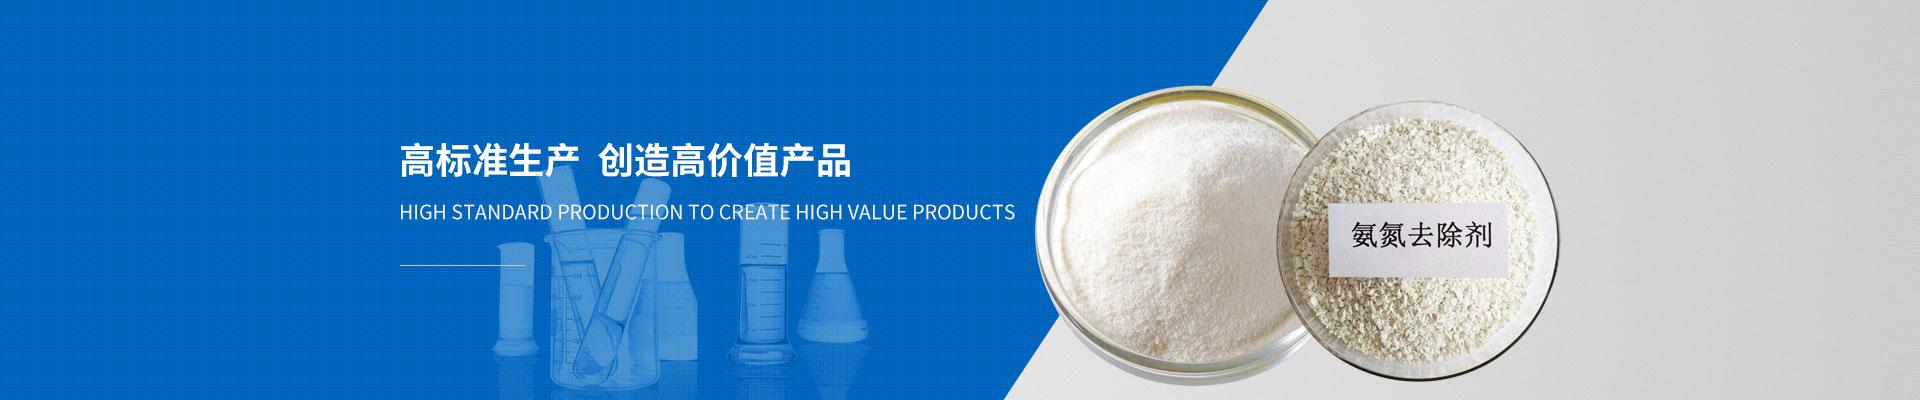 慧星化工-高标准生产,创造高价值产品